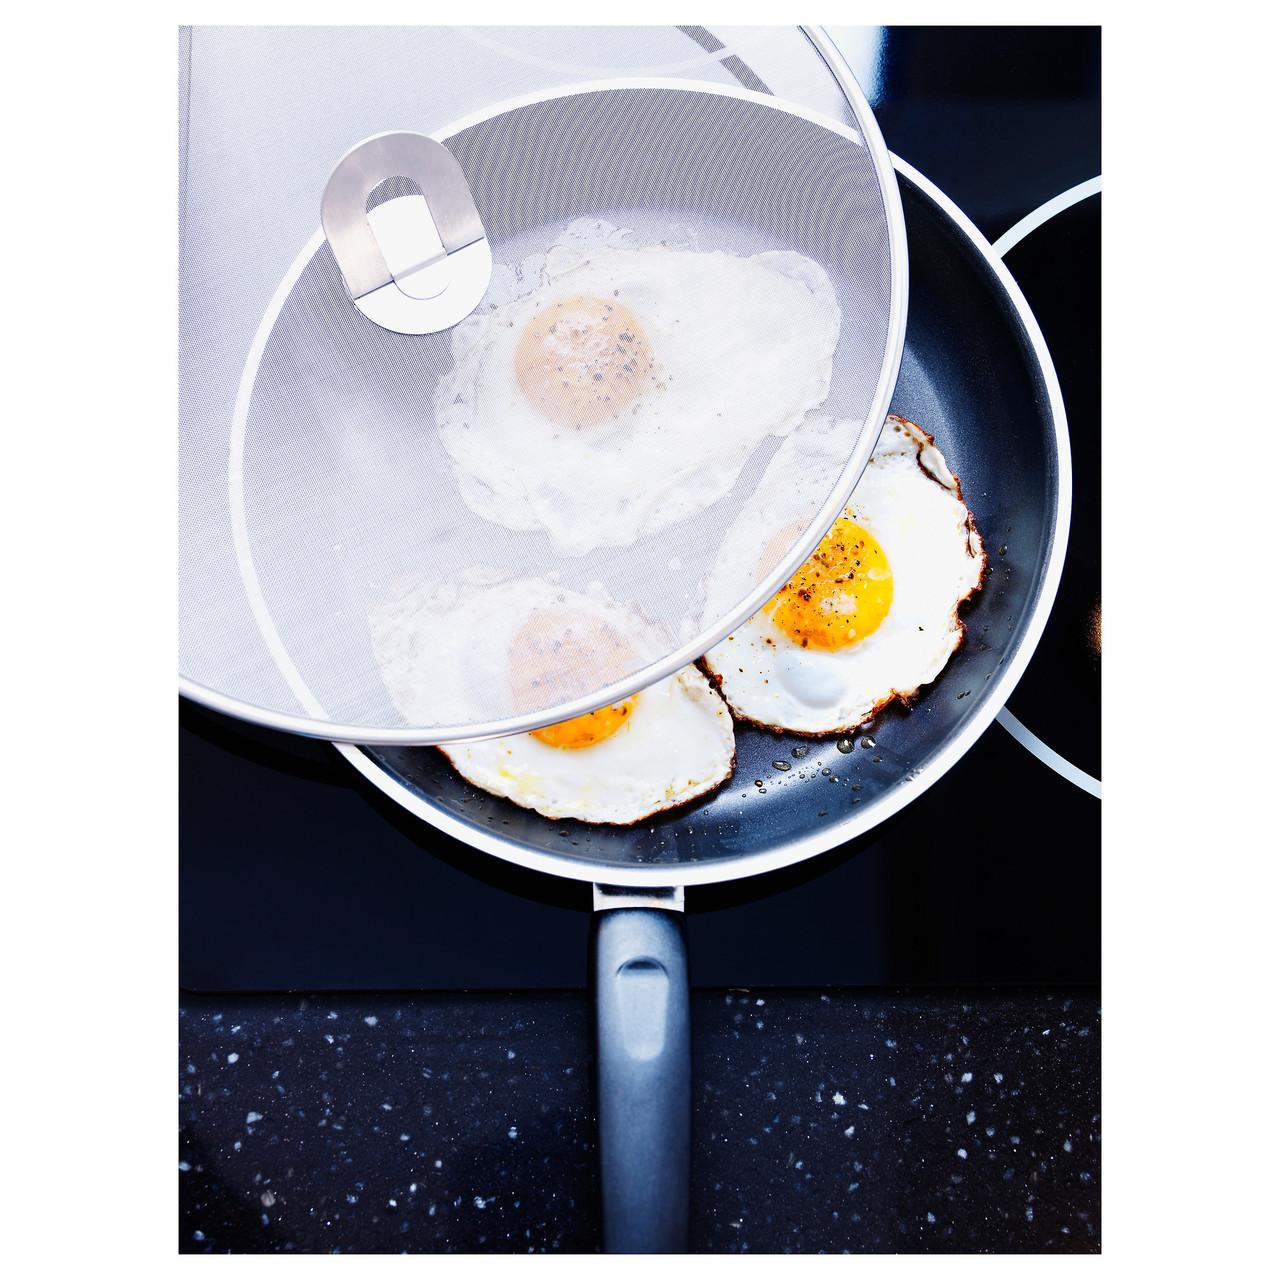 Сковородка KAVALKAD 28 см